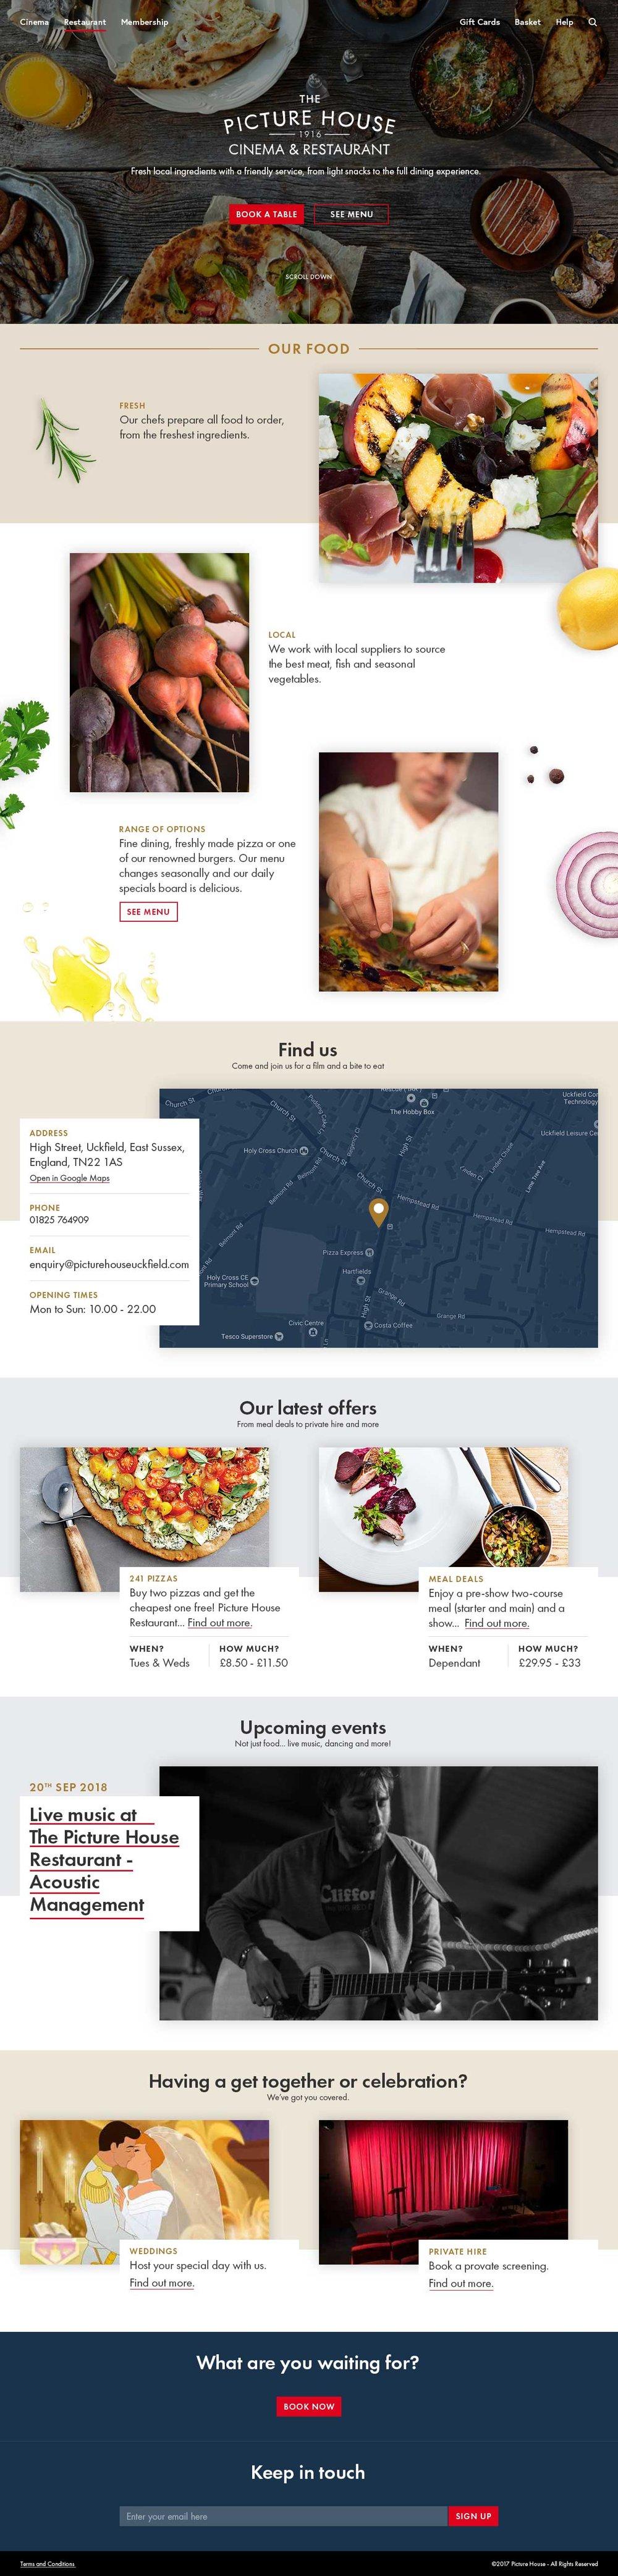 Picture_House_App_HomeRestaurant_01.jpg